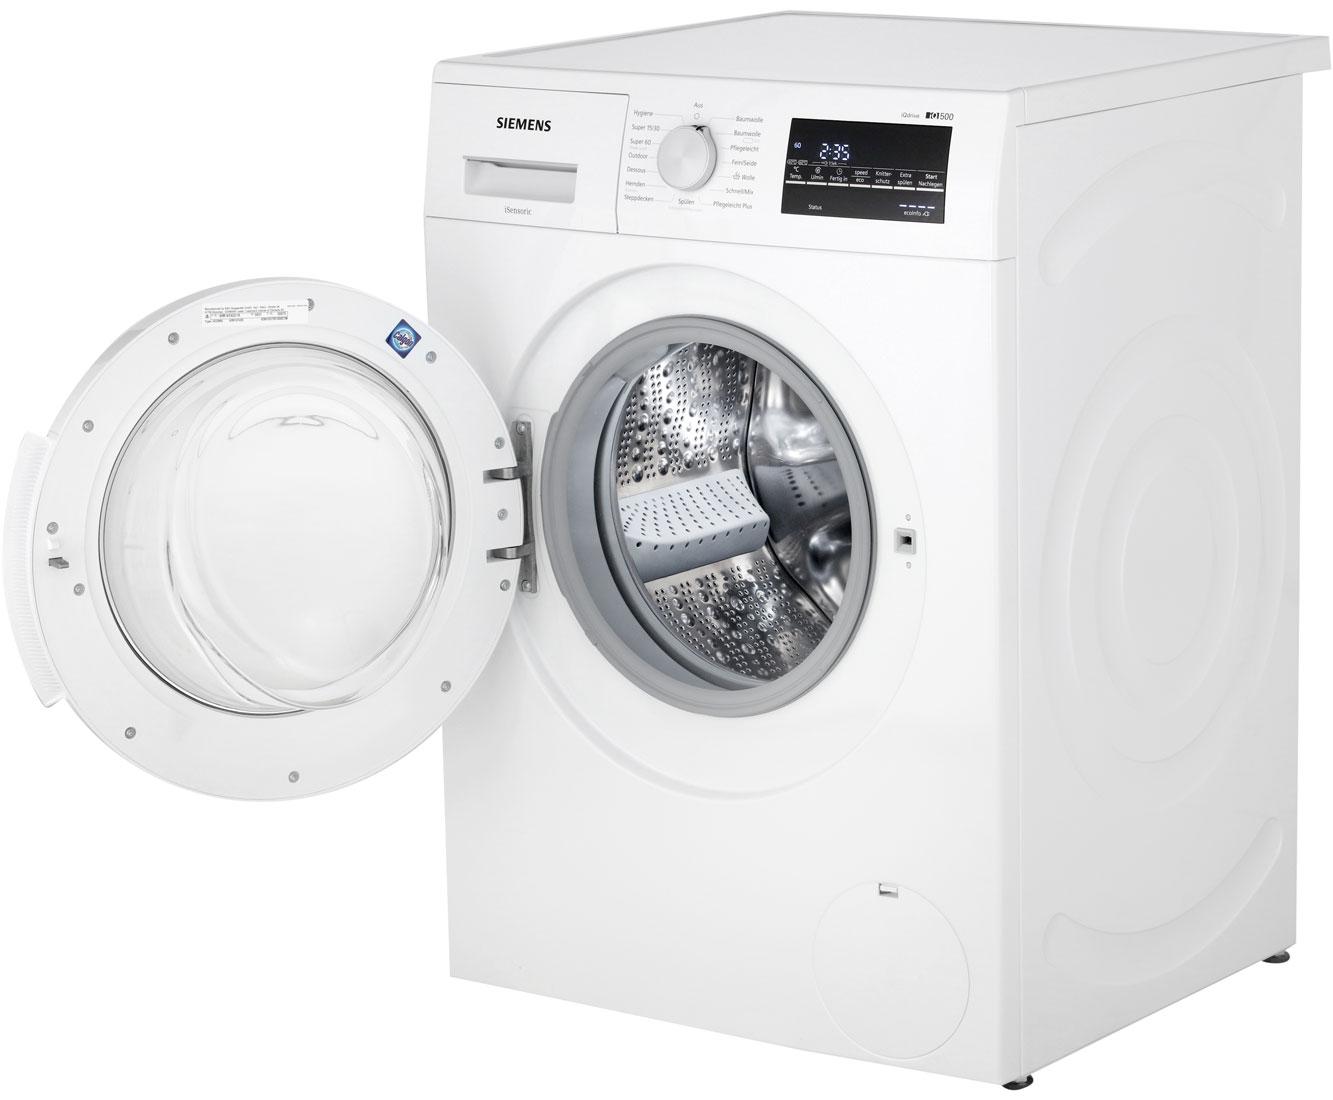 siemens wm14t420 iq500 waschmaschine freistehend weiss neu ebay. Black Bedroom Furniture Sets. Home Design Ideas